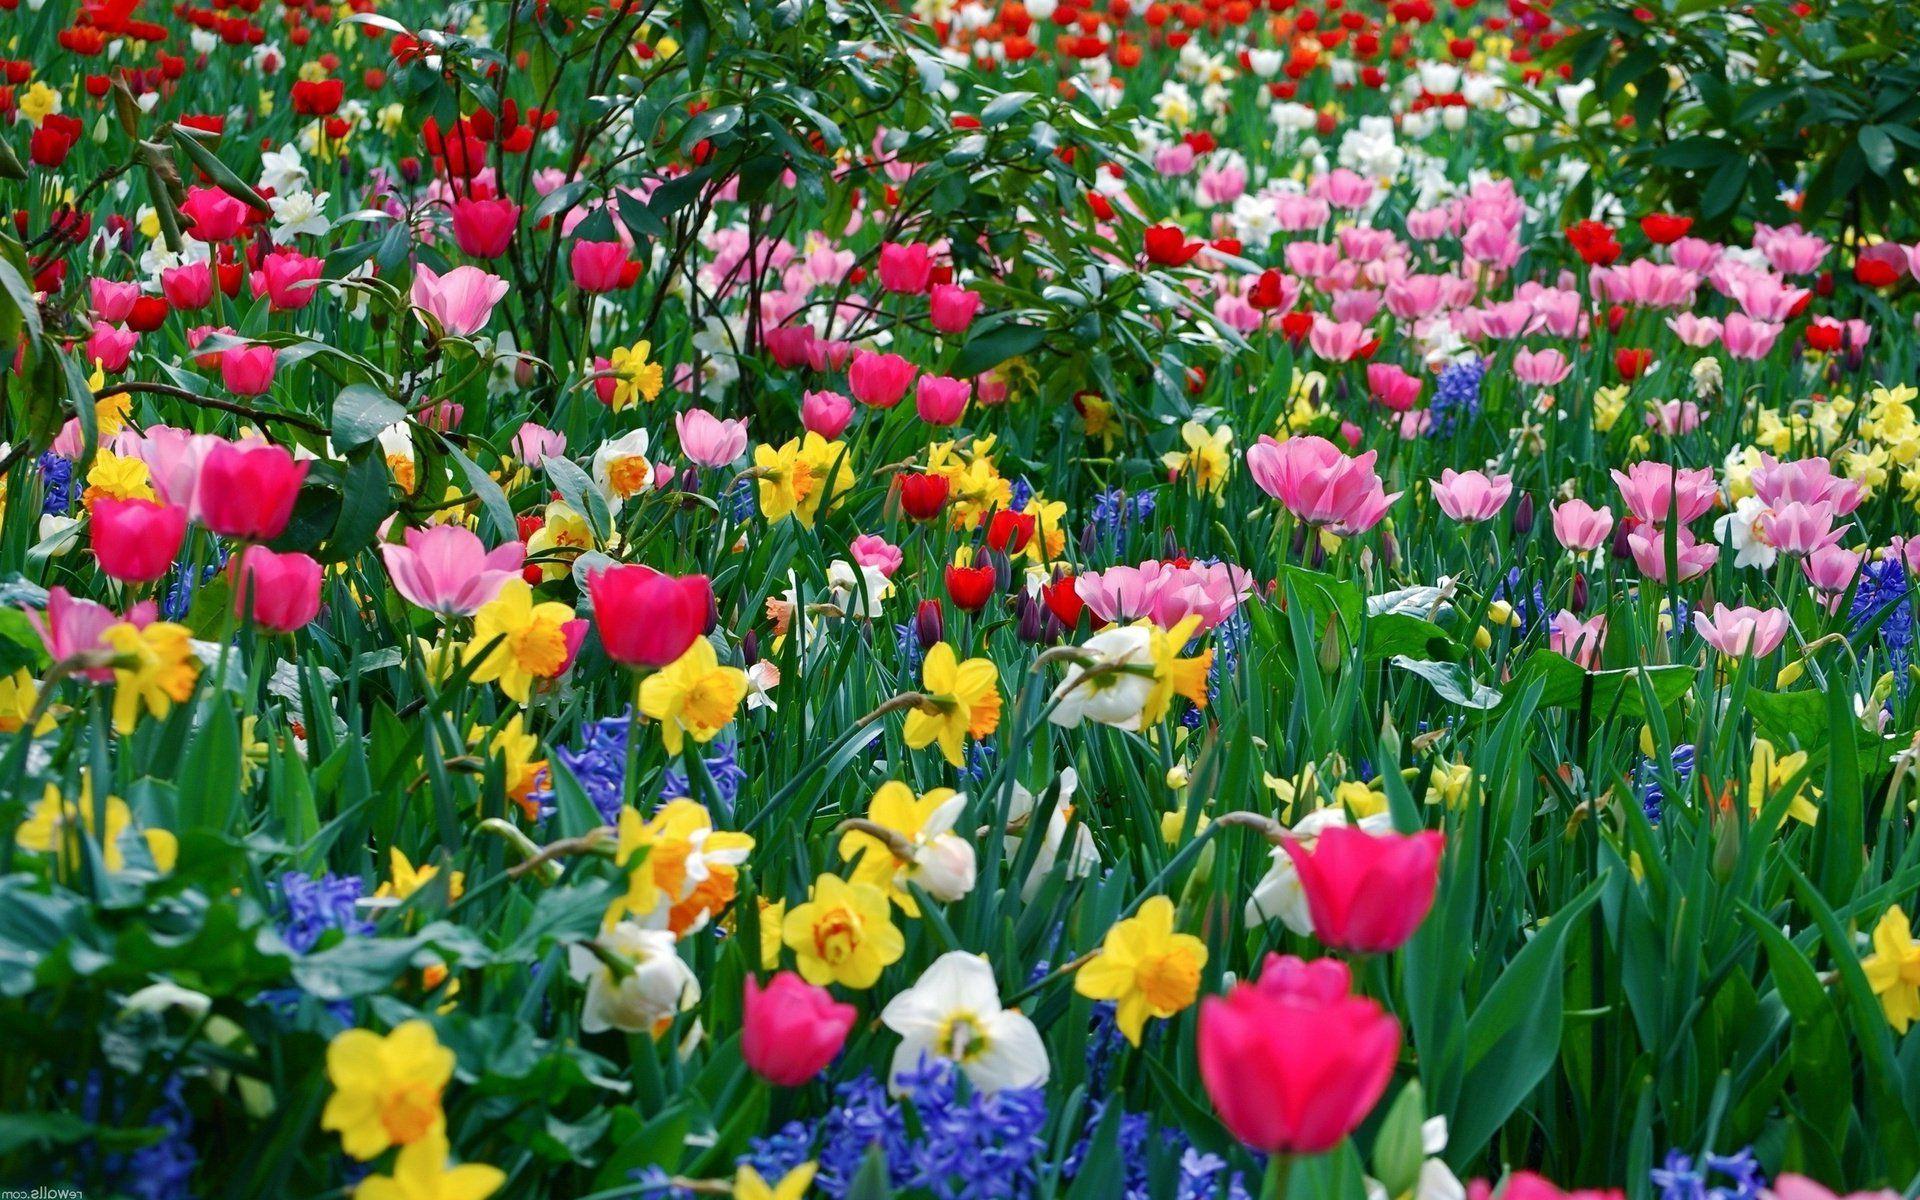 ТОП-7 самых красивых цветущих долин мира фото цветочных